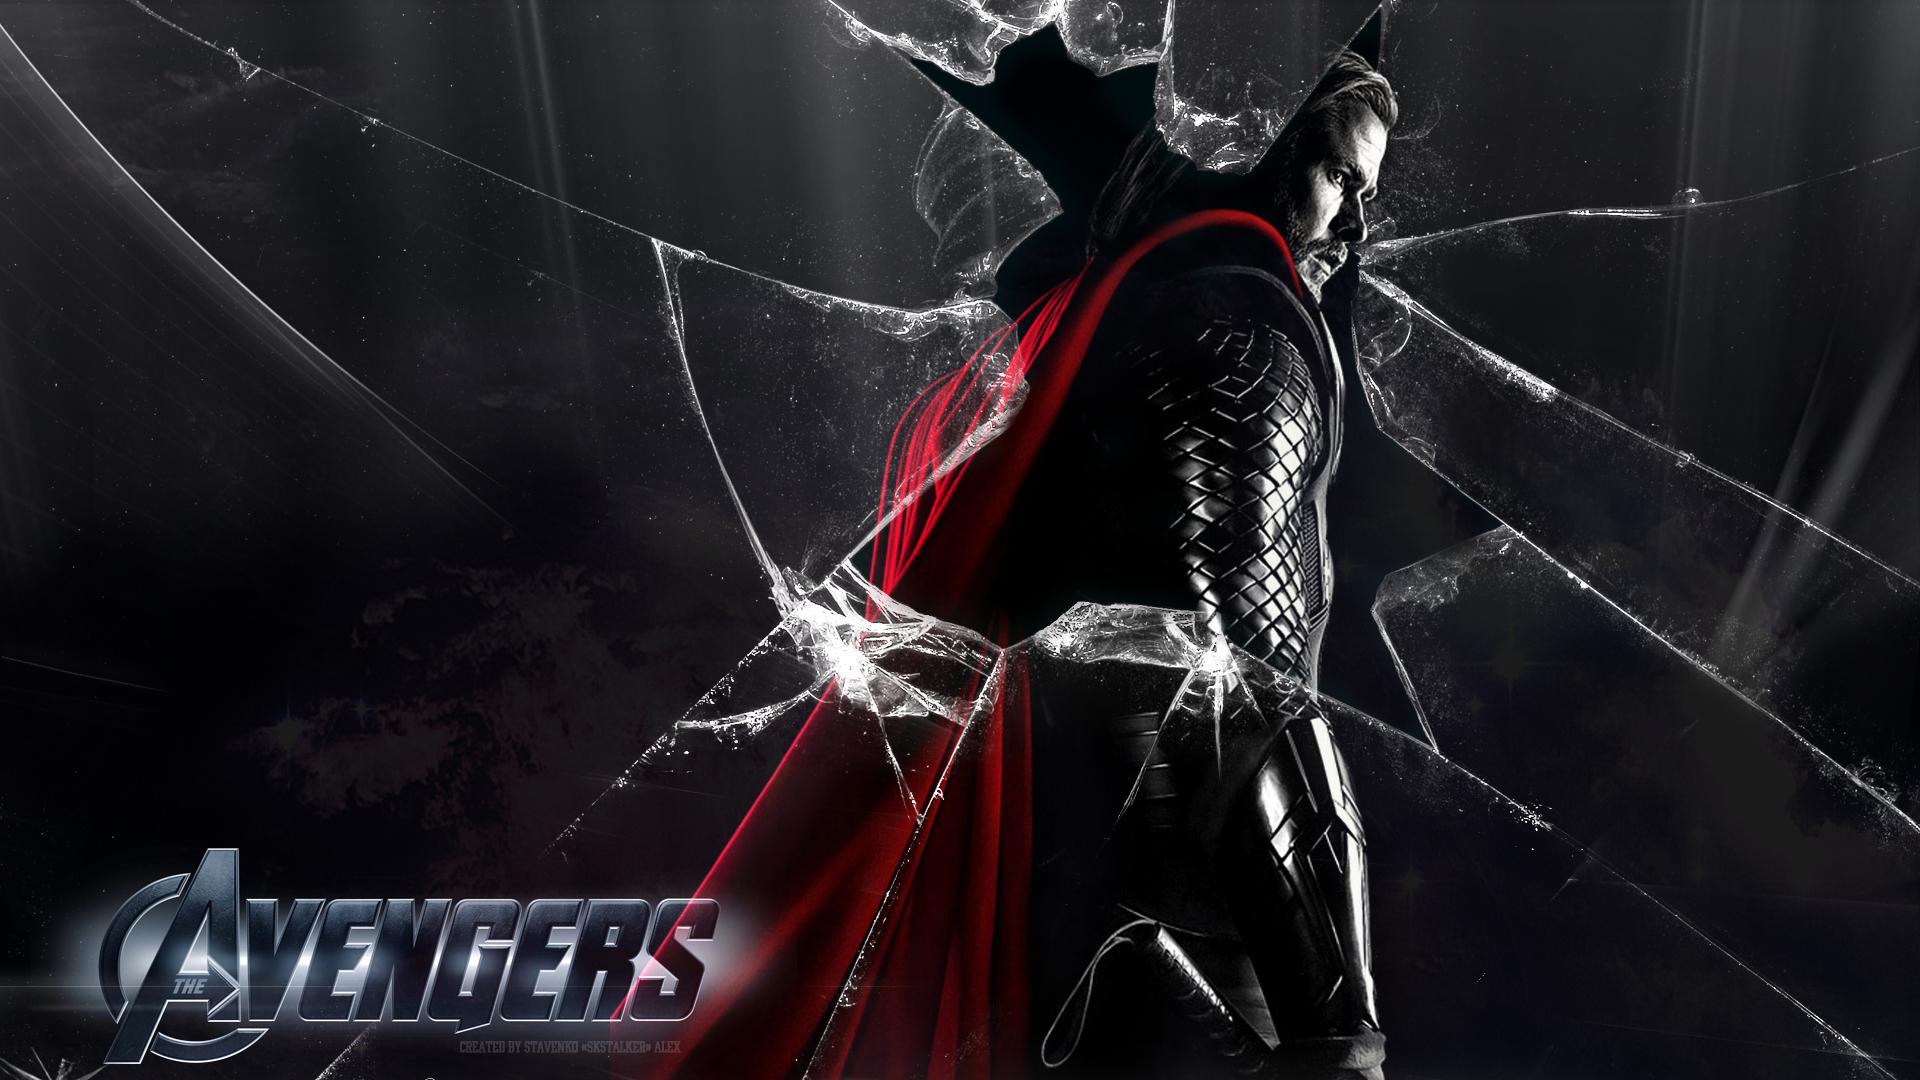 Avengers thor wallpaper 1080p by skstalker on deviantart - Thor art wallpaper ...